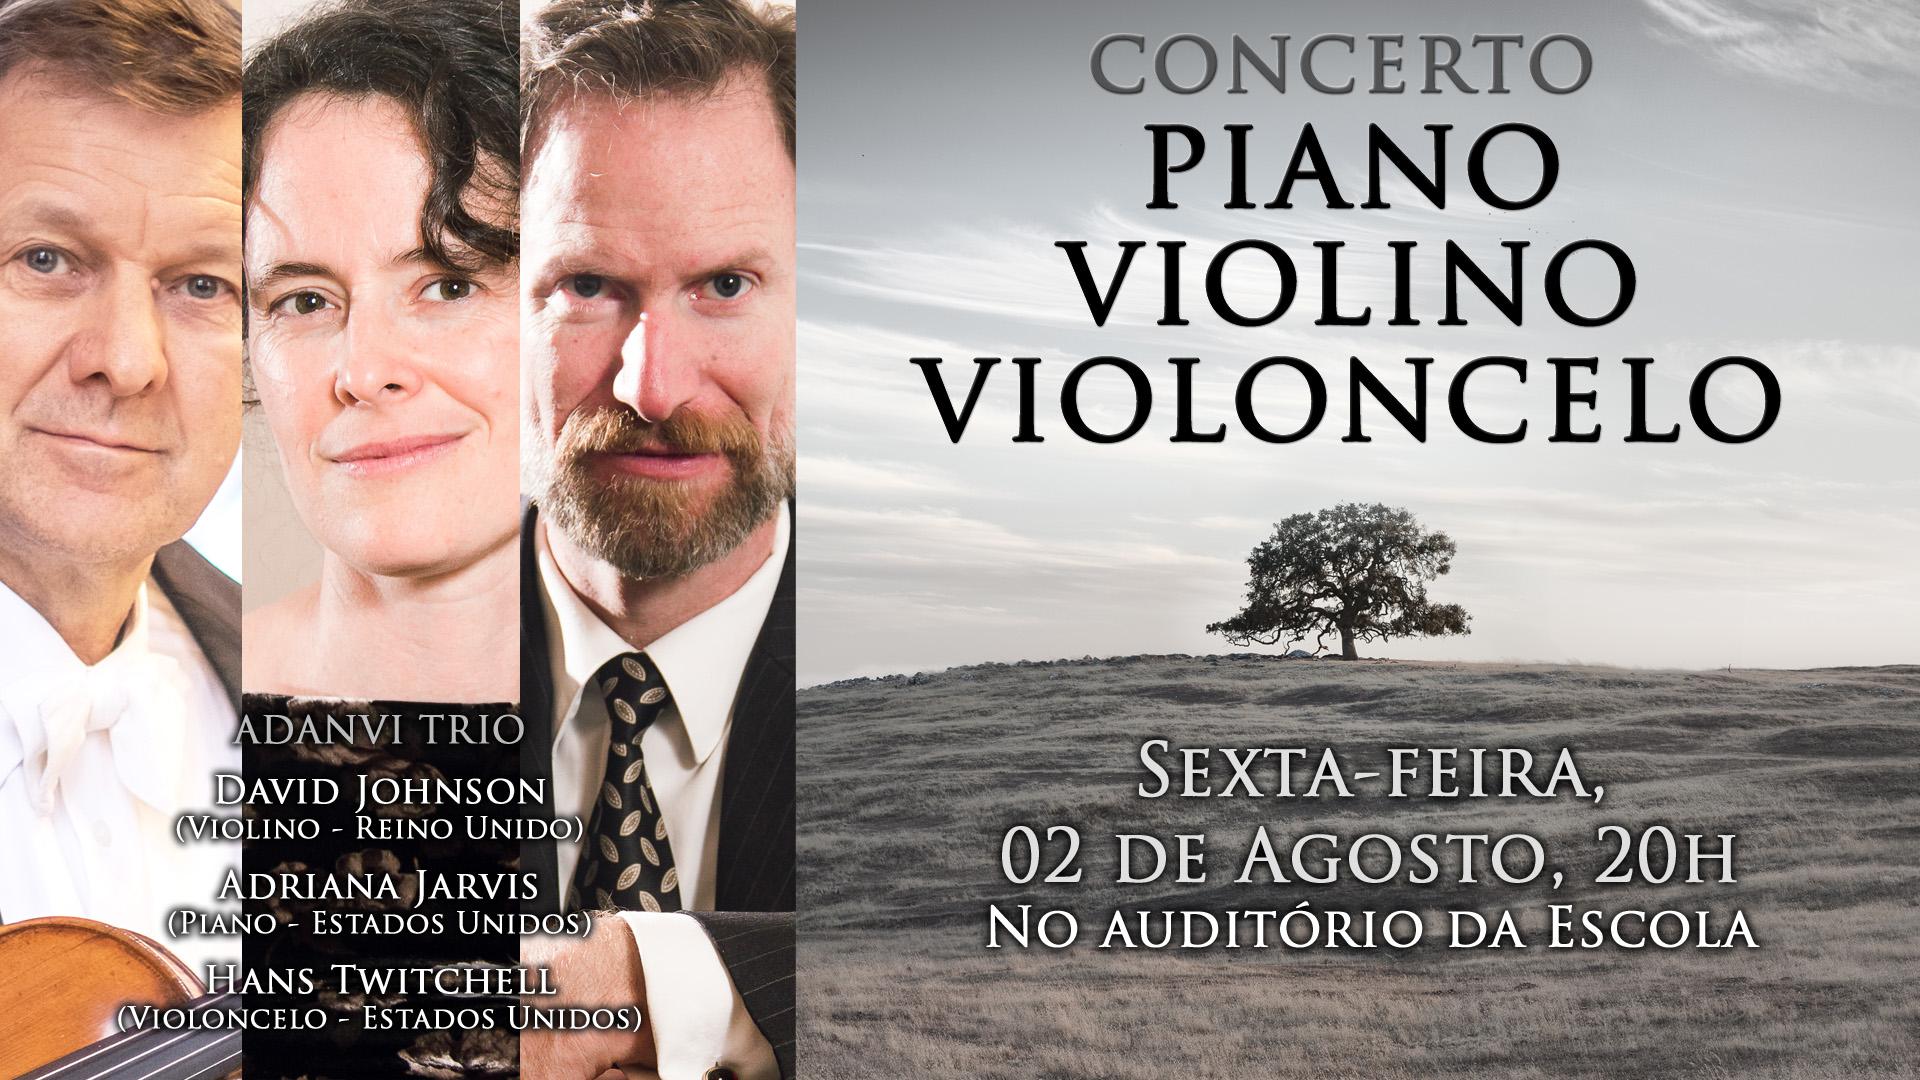 Concerto Piano, Violino e Violoncelo